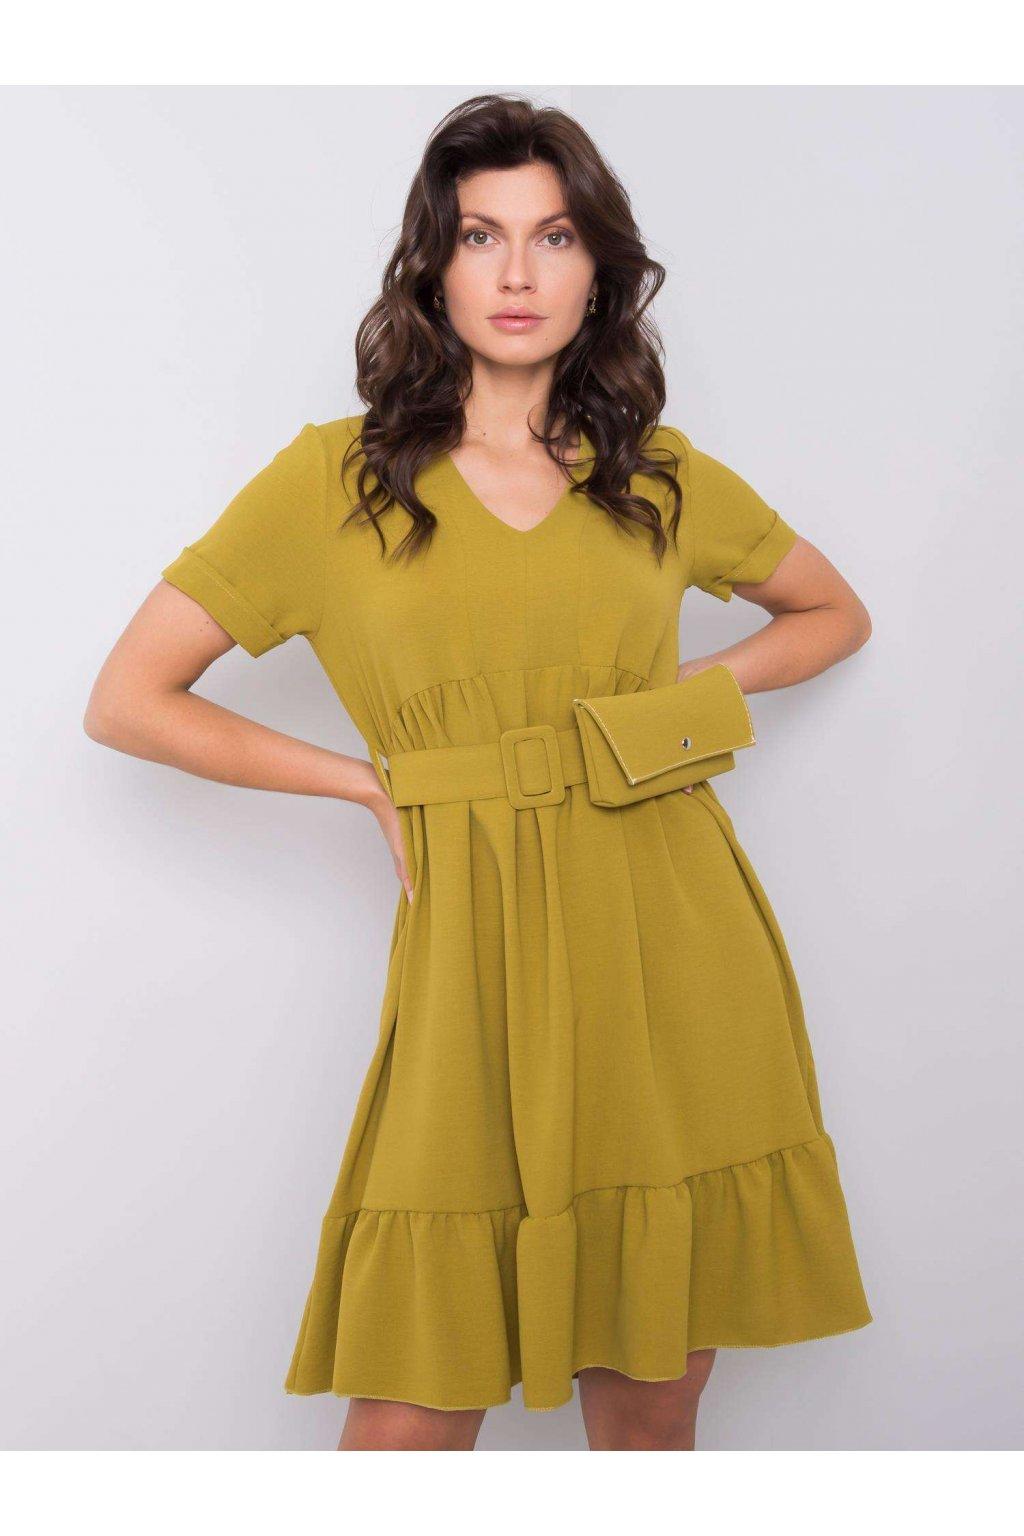 pol pl Jasna khaki sukienka z falbana Vianna 364107 1